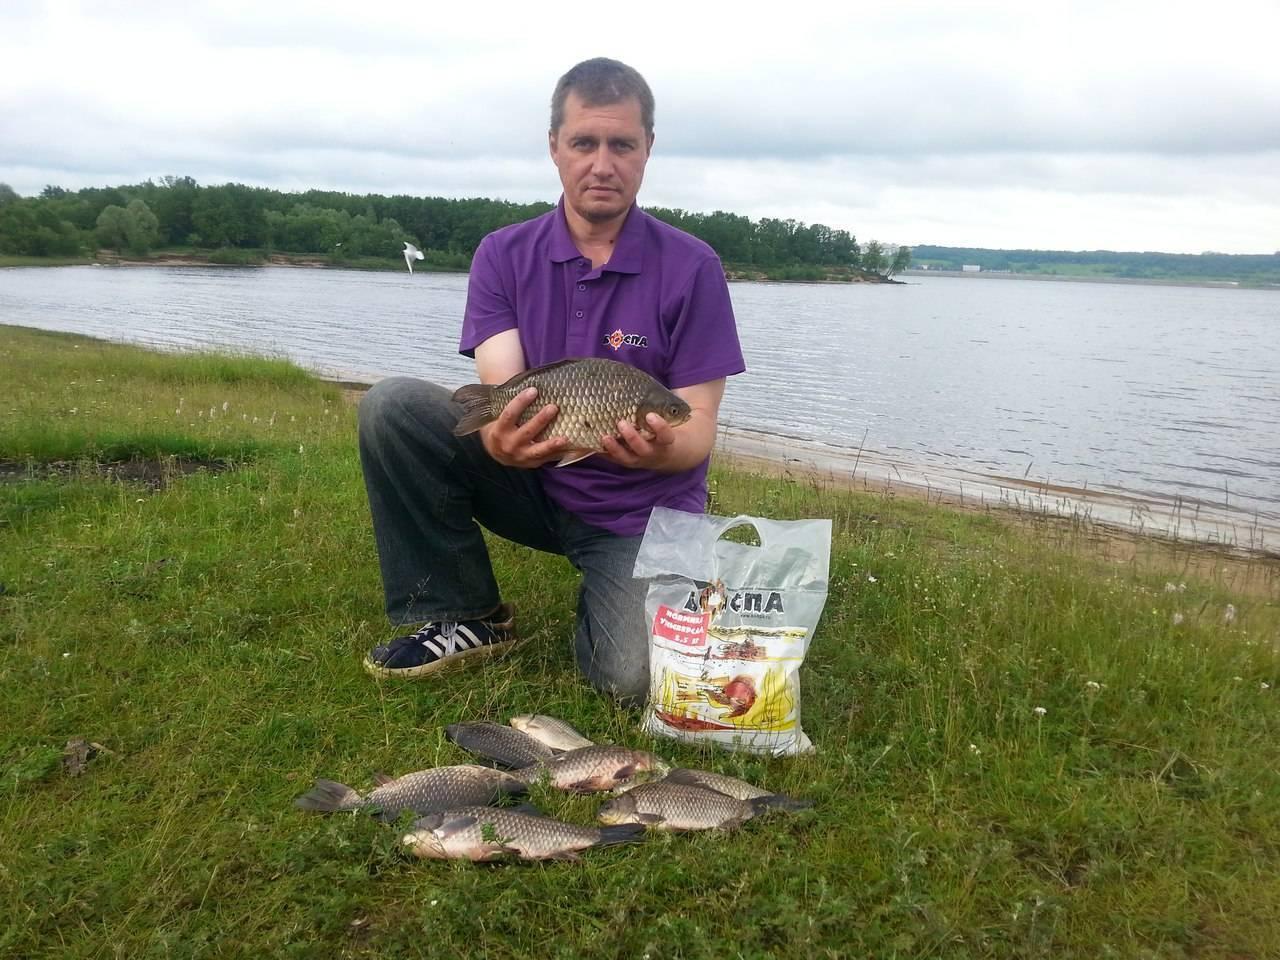 Рыбалка в чувашии: платная и бесплатная, в чебоксарах и на суре, на волге и в карамышево, в чебоксарском водохранилище, рыболовные базы и другие места